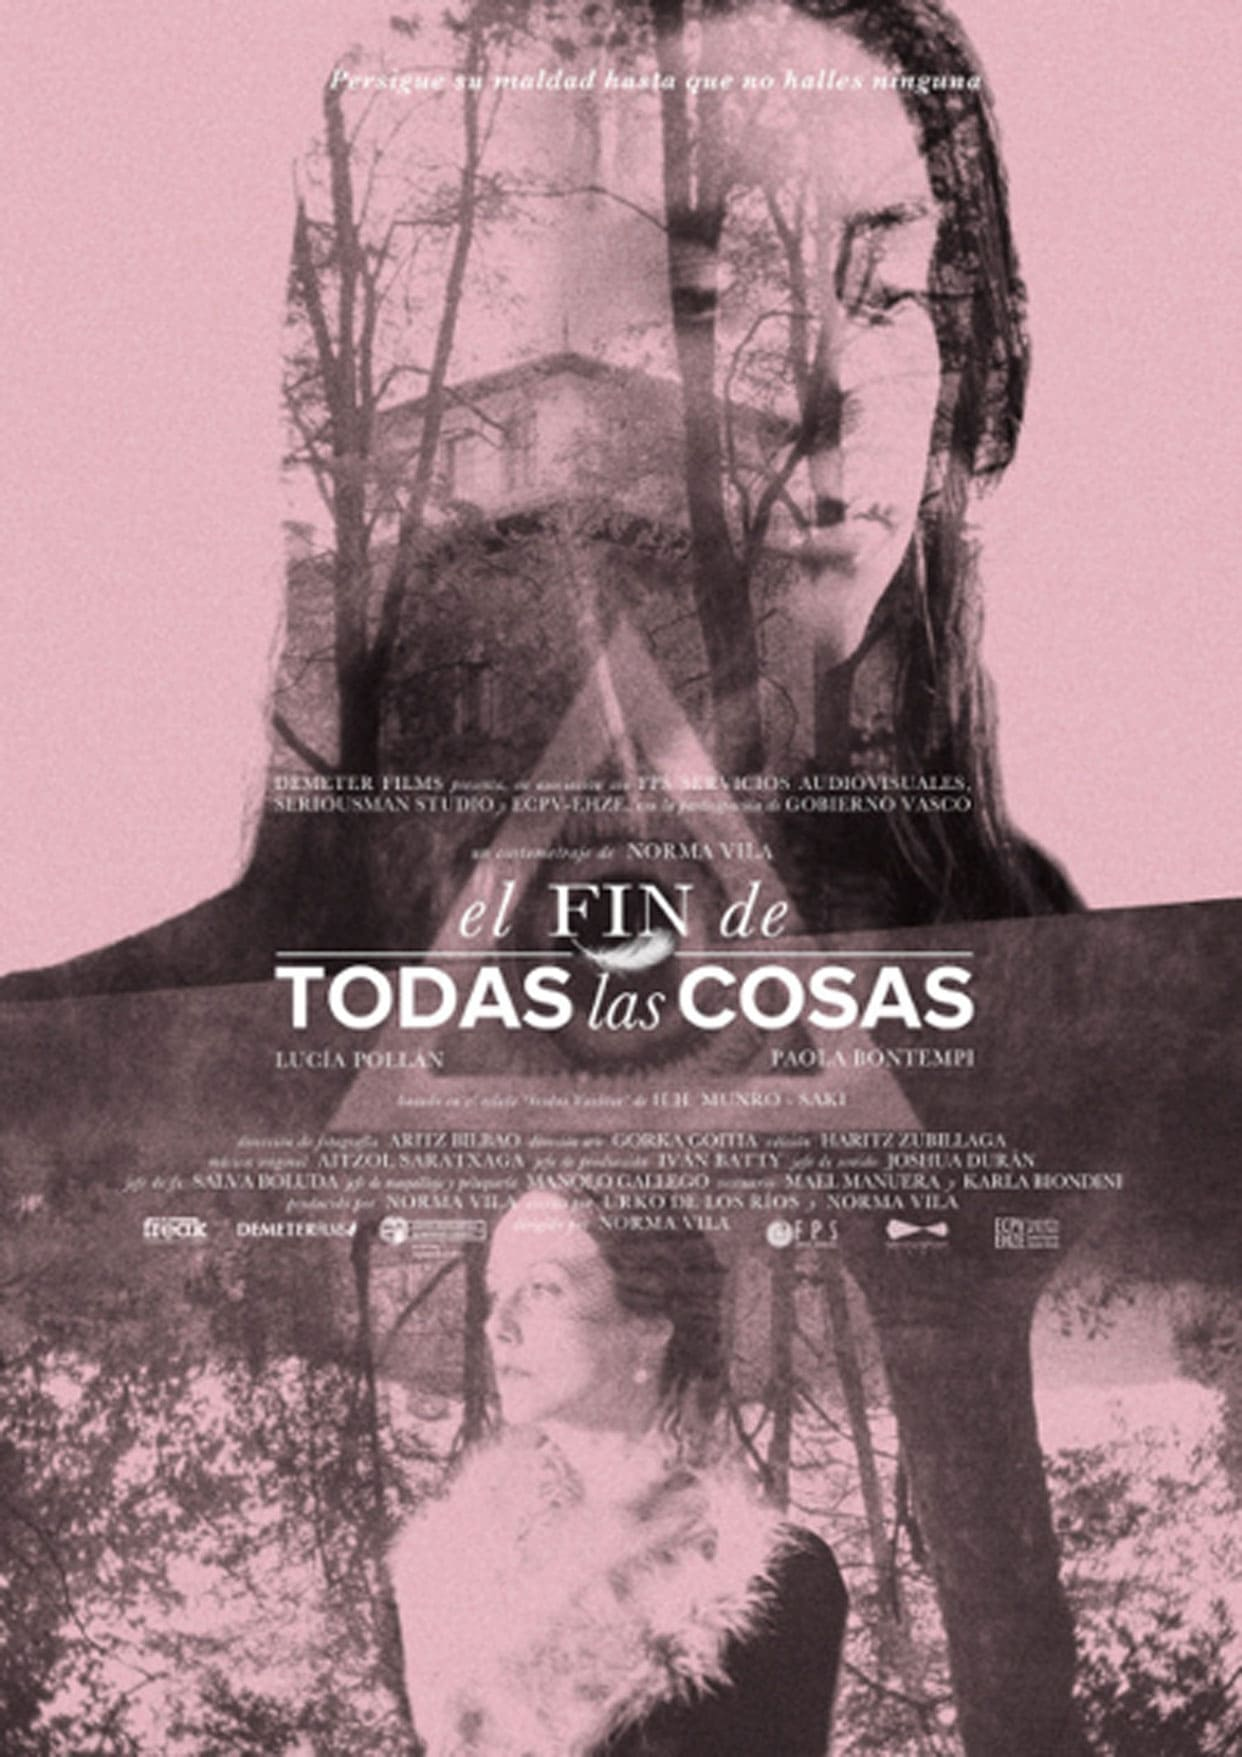 EL-FIN-DE-TODAS-LAS-COSAS-Norma-Vila